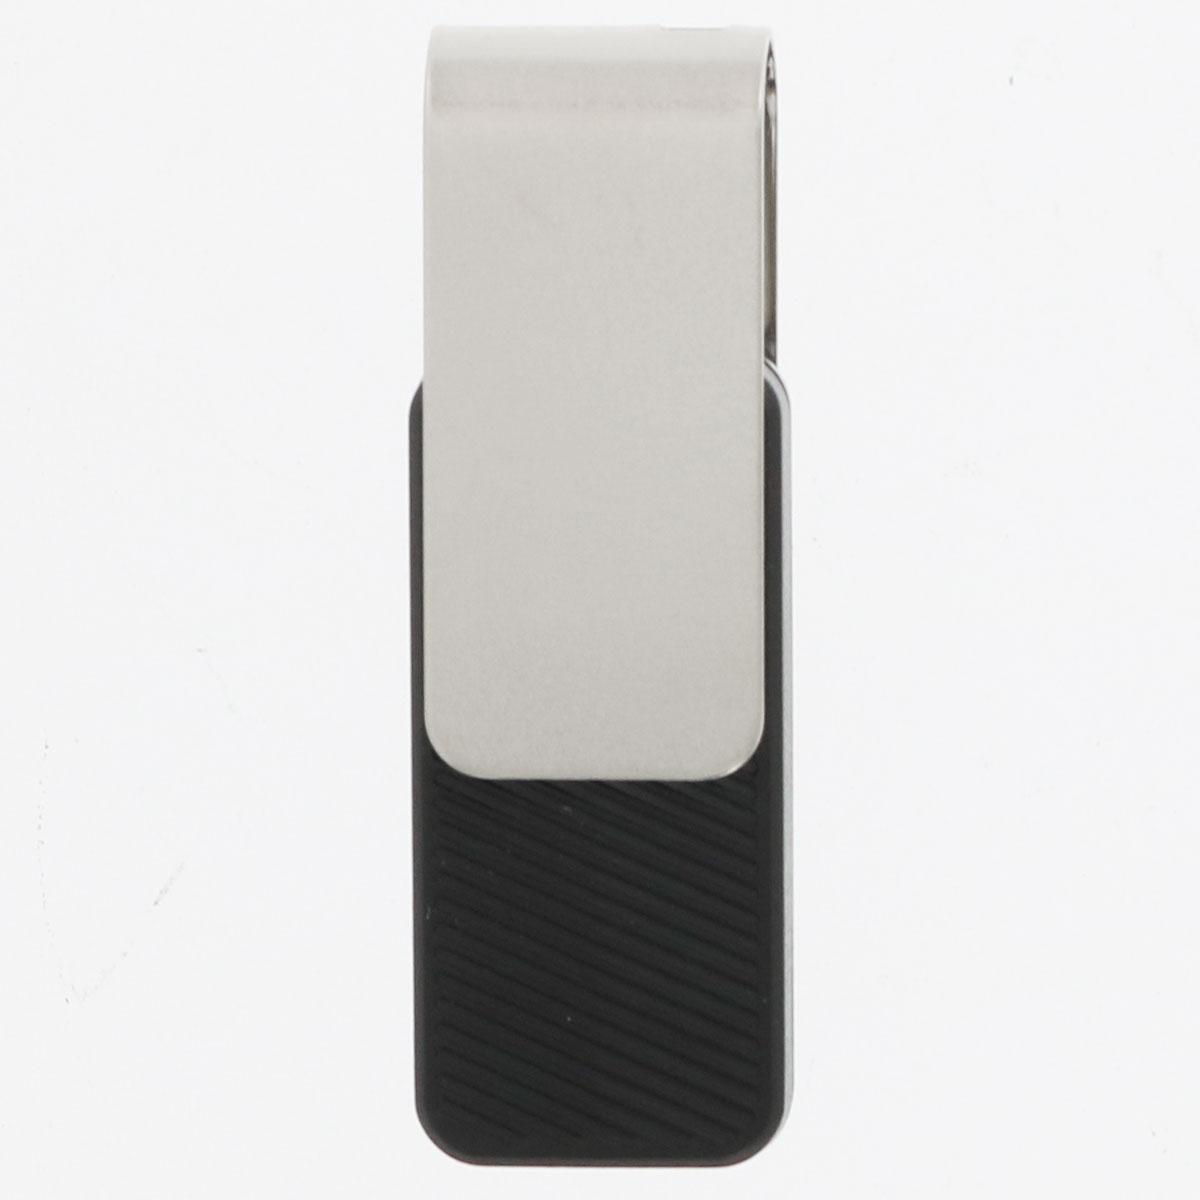 TEAM製 キャップレスUSBメモリ 8GB C142